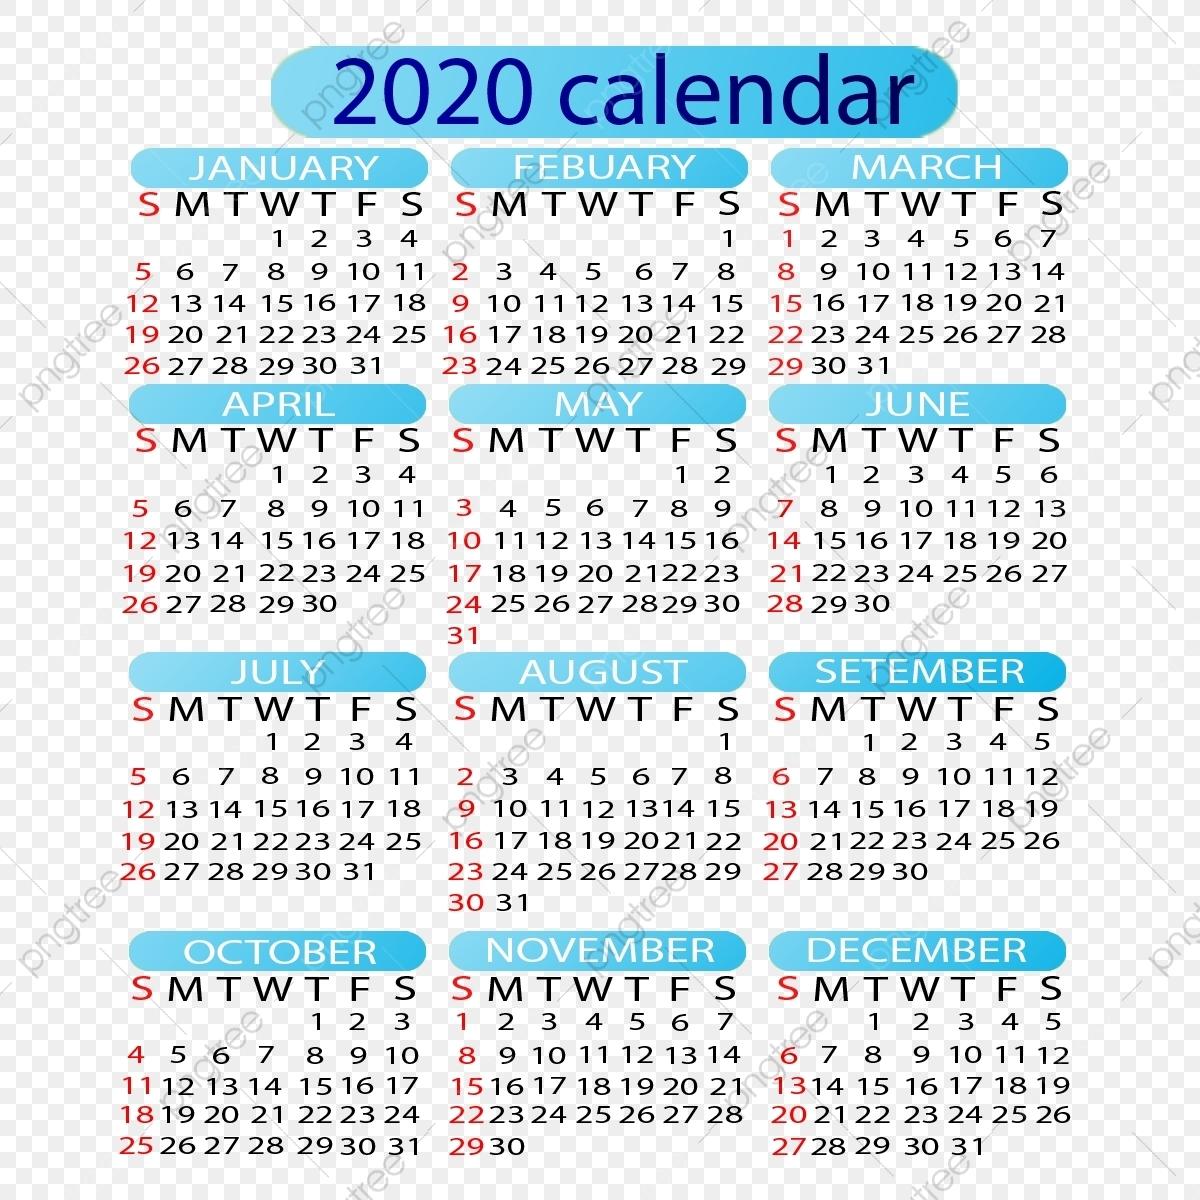 Editable 2020 Calendar, 2020 Calendar, Calendar 2020, Year